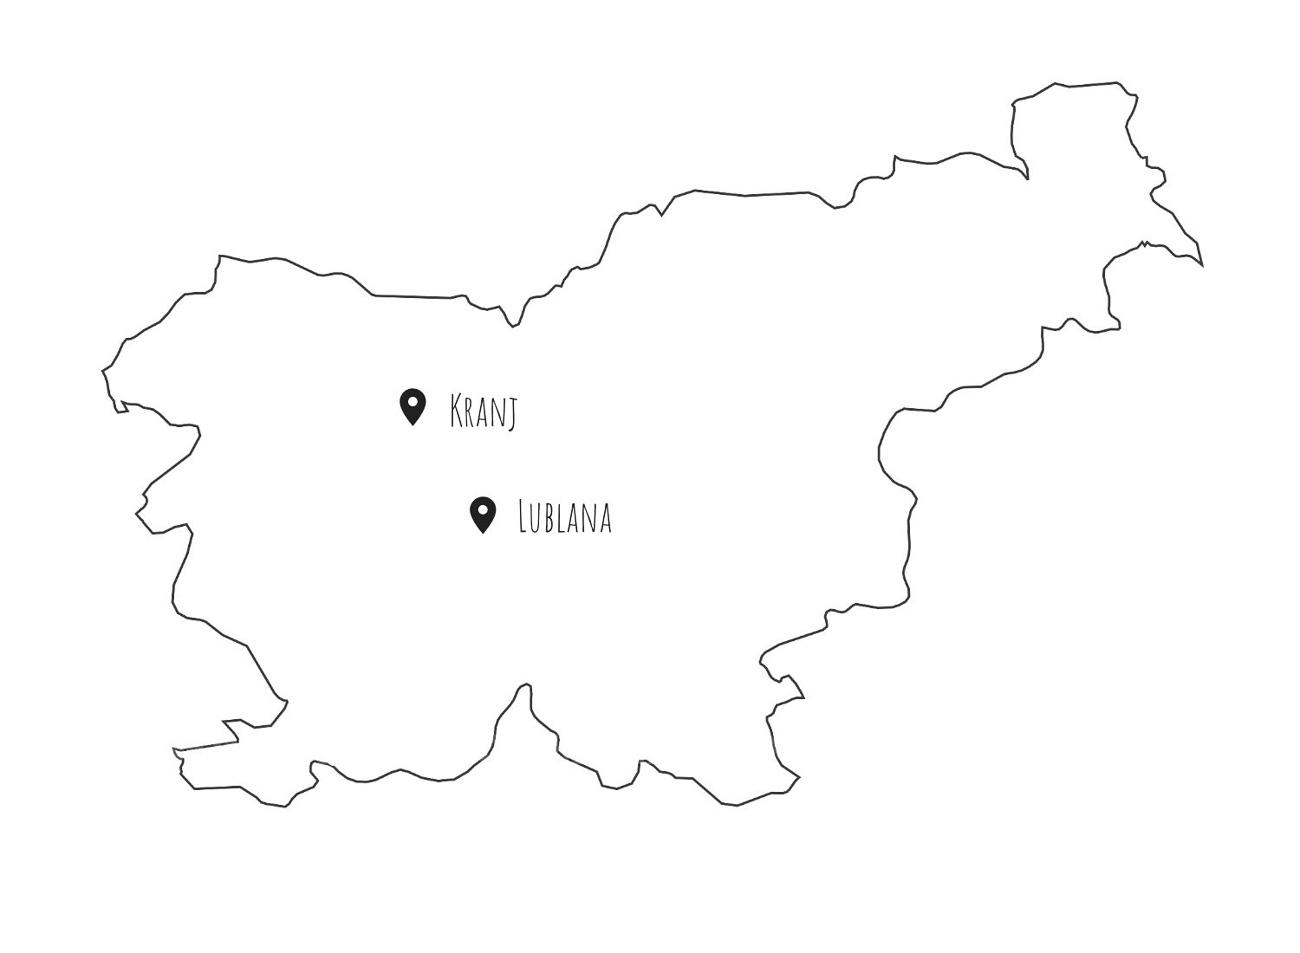 słowenia kranj